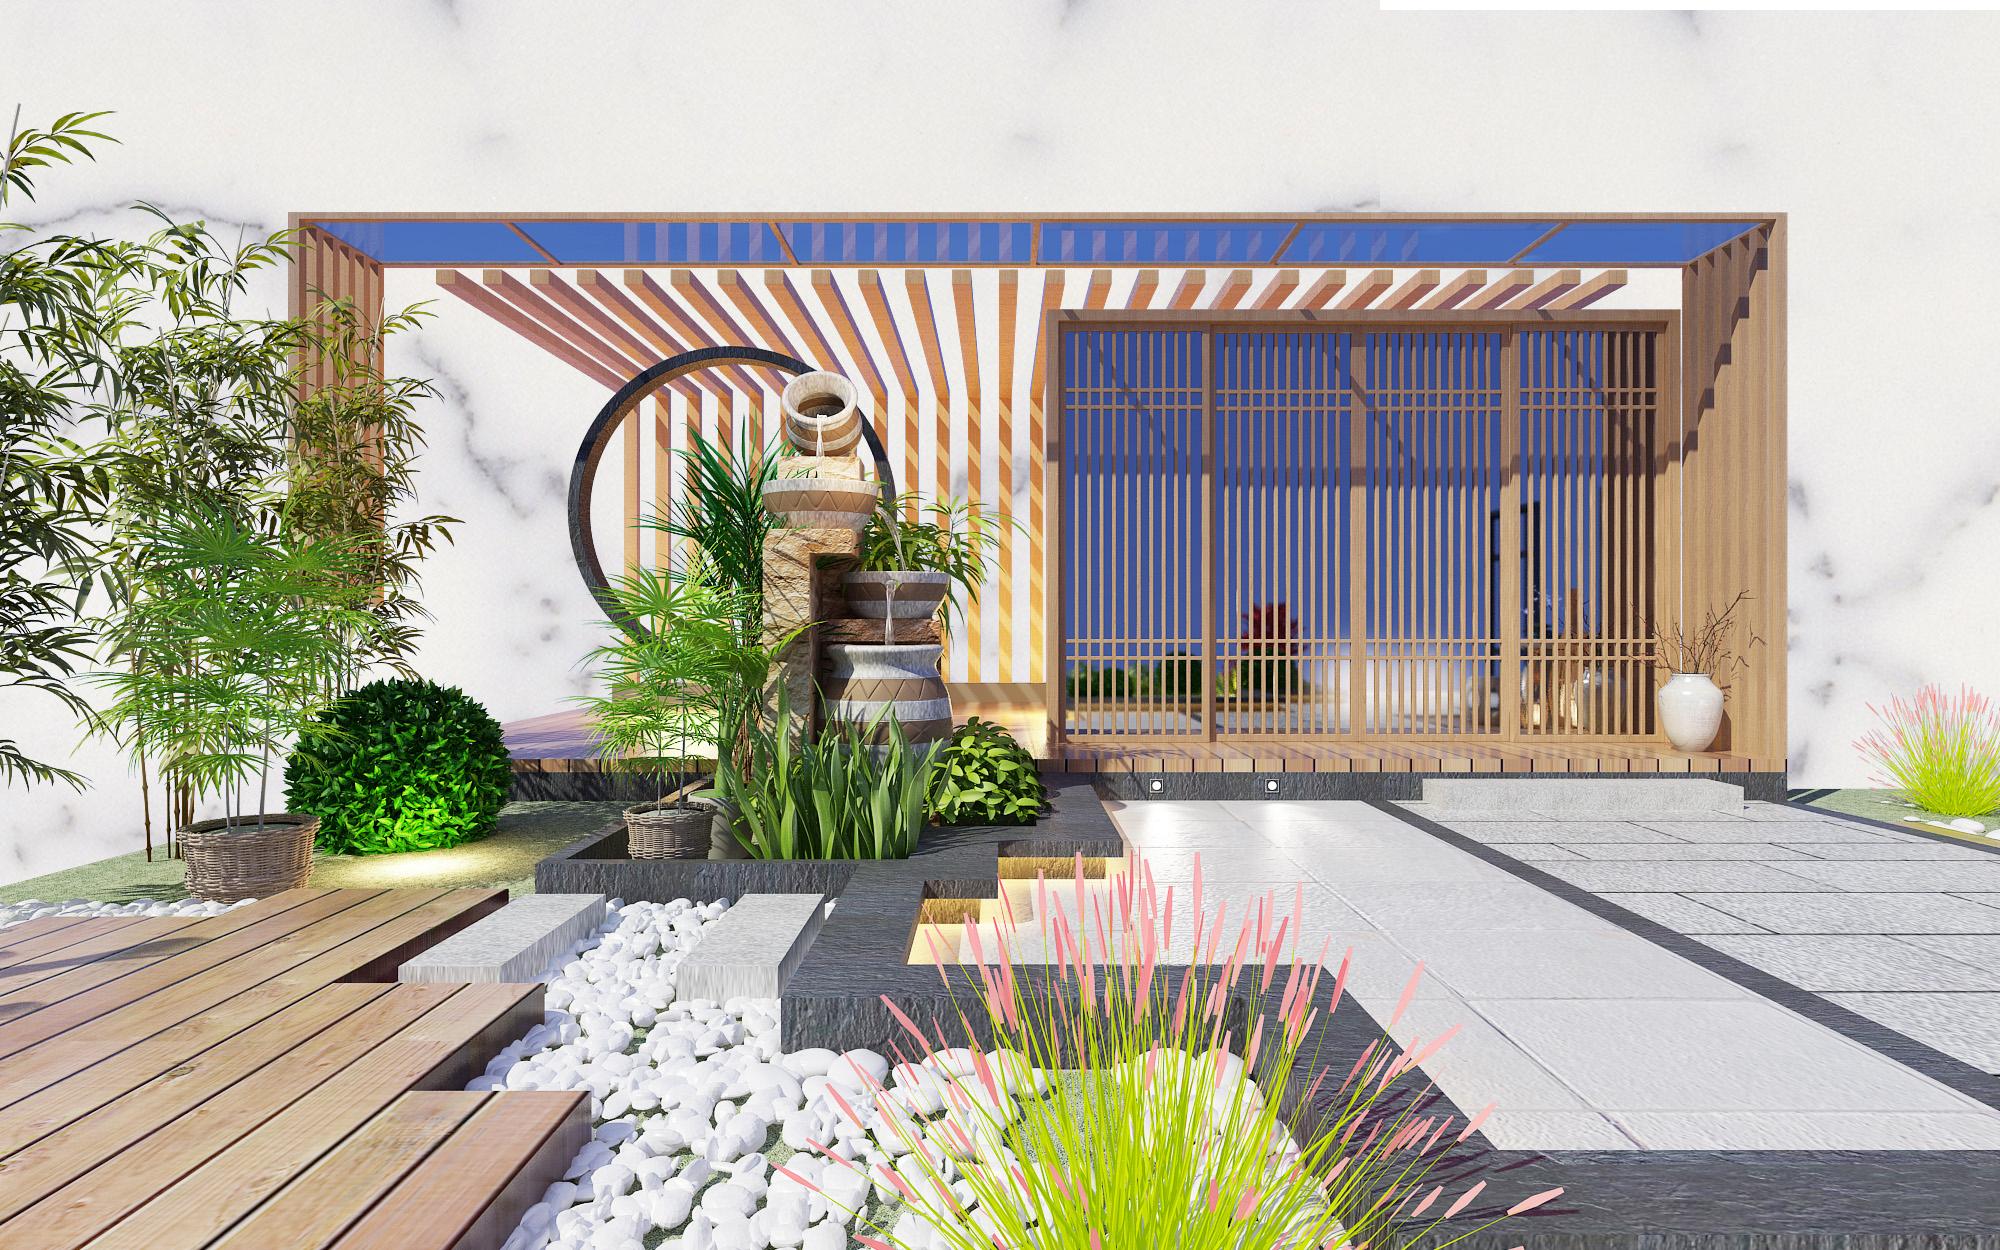 泸州青澜建筑装饰有限公司—庭院景观